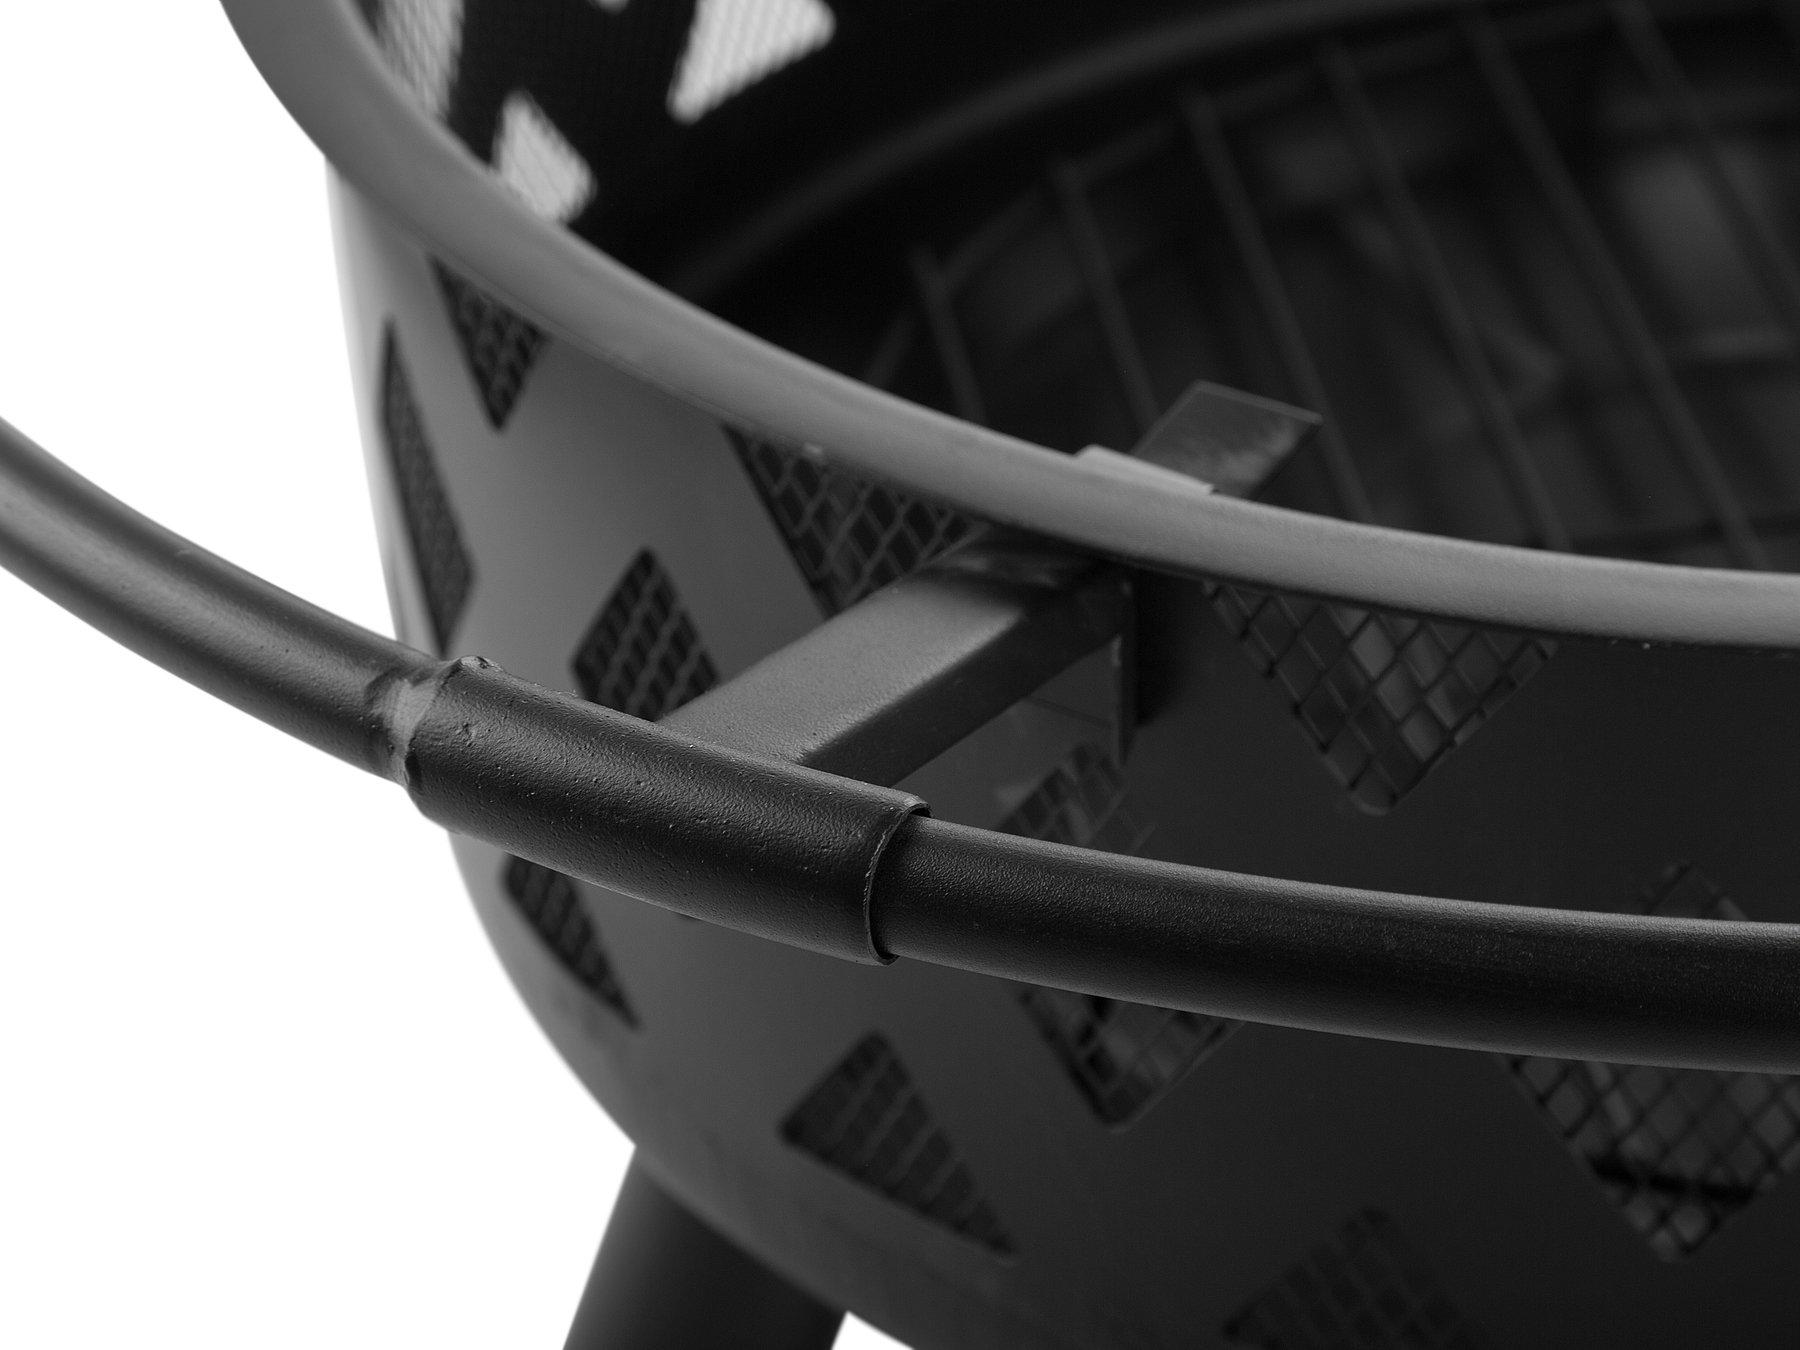 Full Size of Feuerstelle Modern Moderne Selber Bauen Terrasse Im Garten Rund Mit Grillrost Schwarz Stahl Ebay Modernes Bett Wohnzimmer Bilder Esstische Sofa Tapete Küche Wohnzimmer Feuerstelle Modern